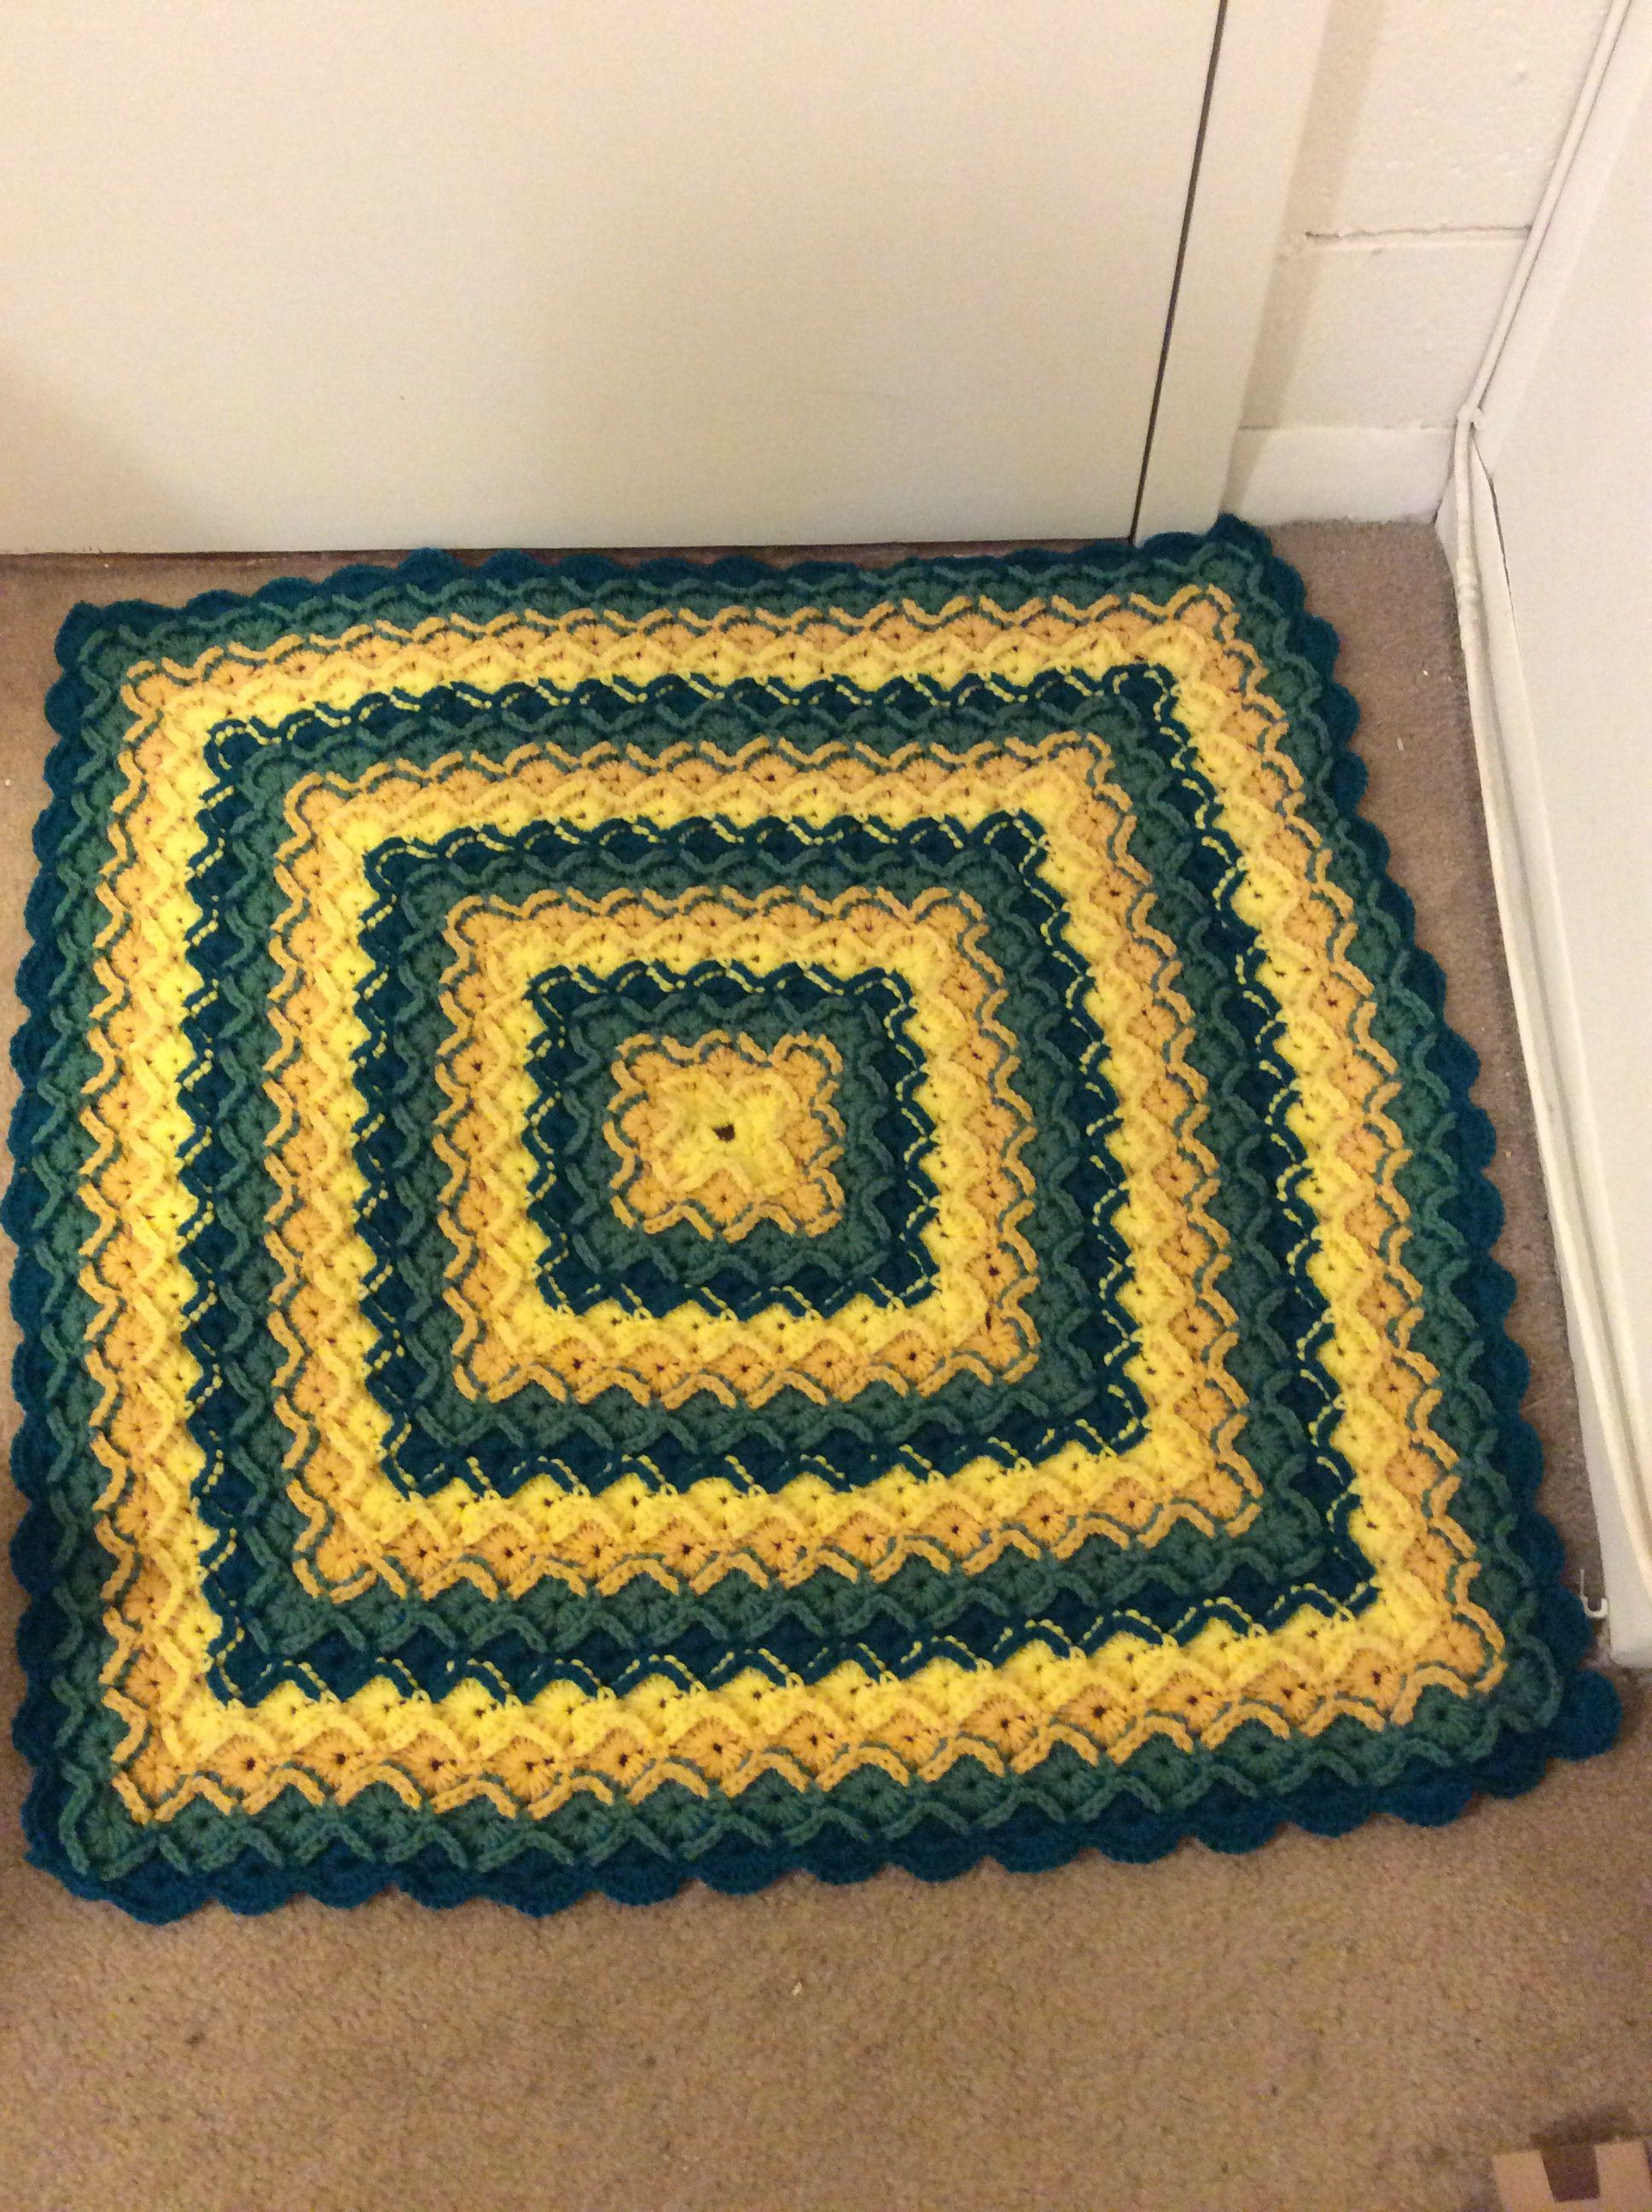 Bavarian Crochet Baby Blanket Finished Pinterest Bavarian